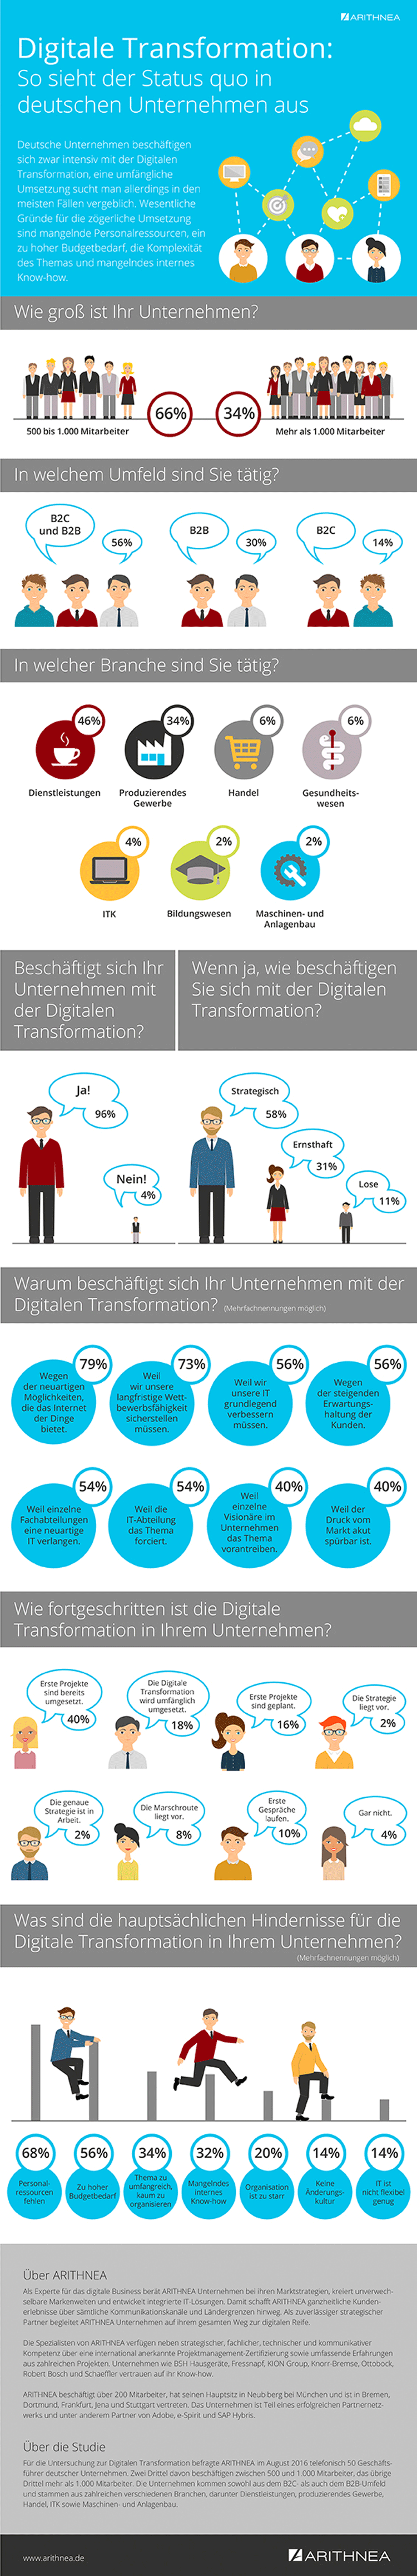 Infografik: Digitale Transformation in deutschen Unternehmen